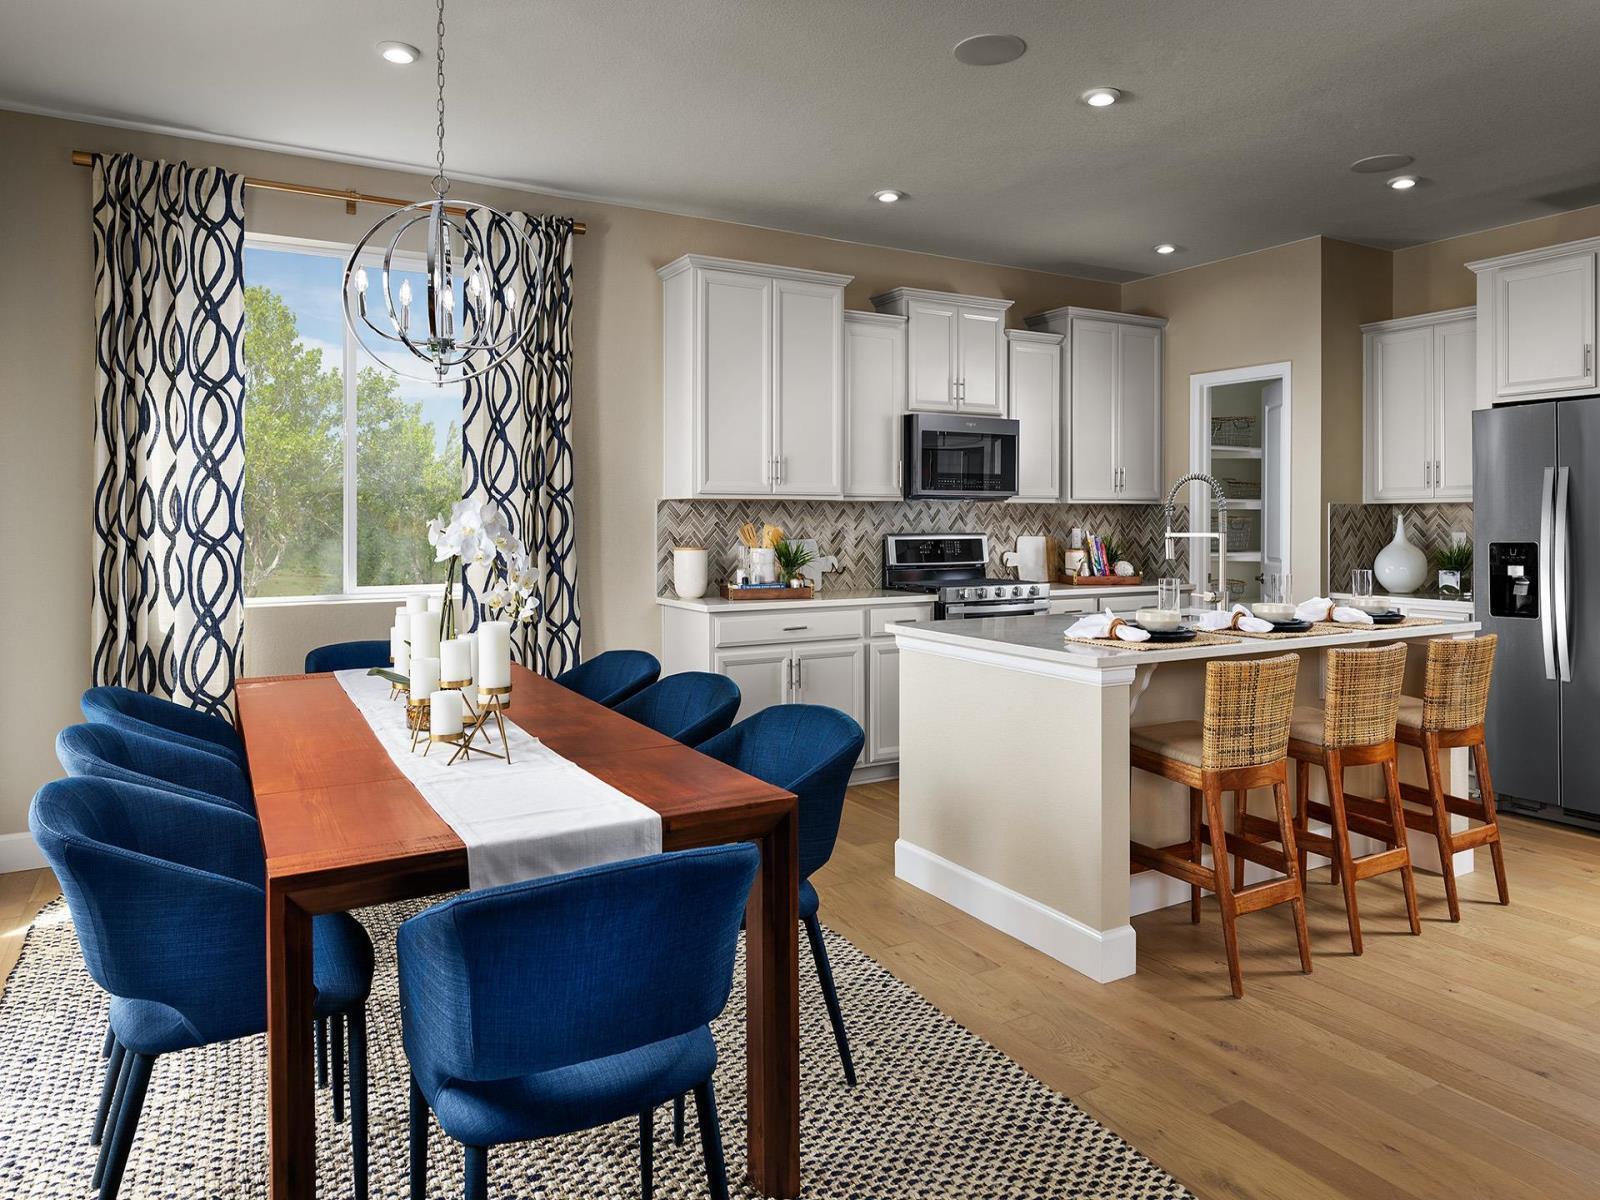 Castlewood Kitchen